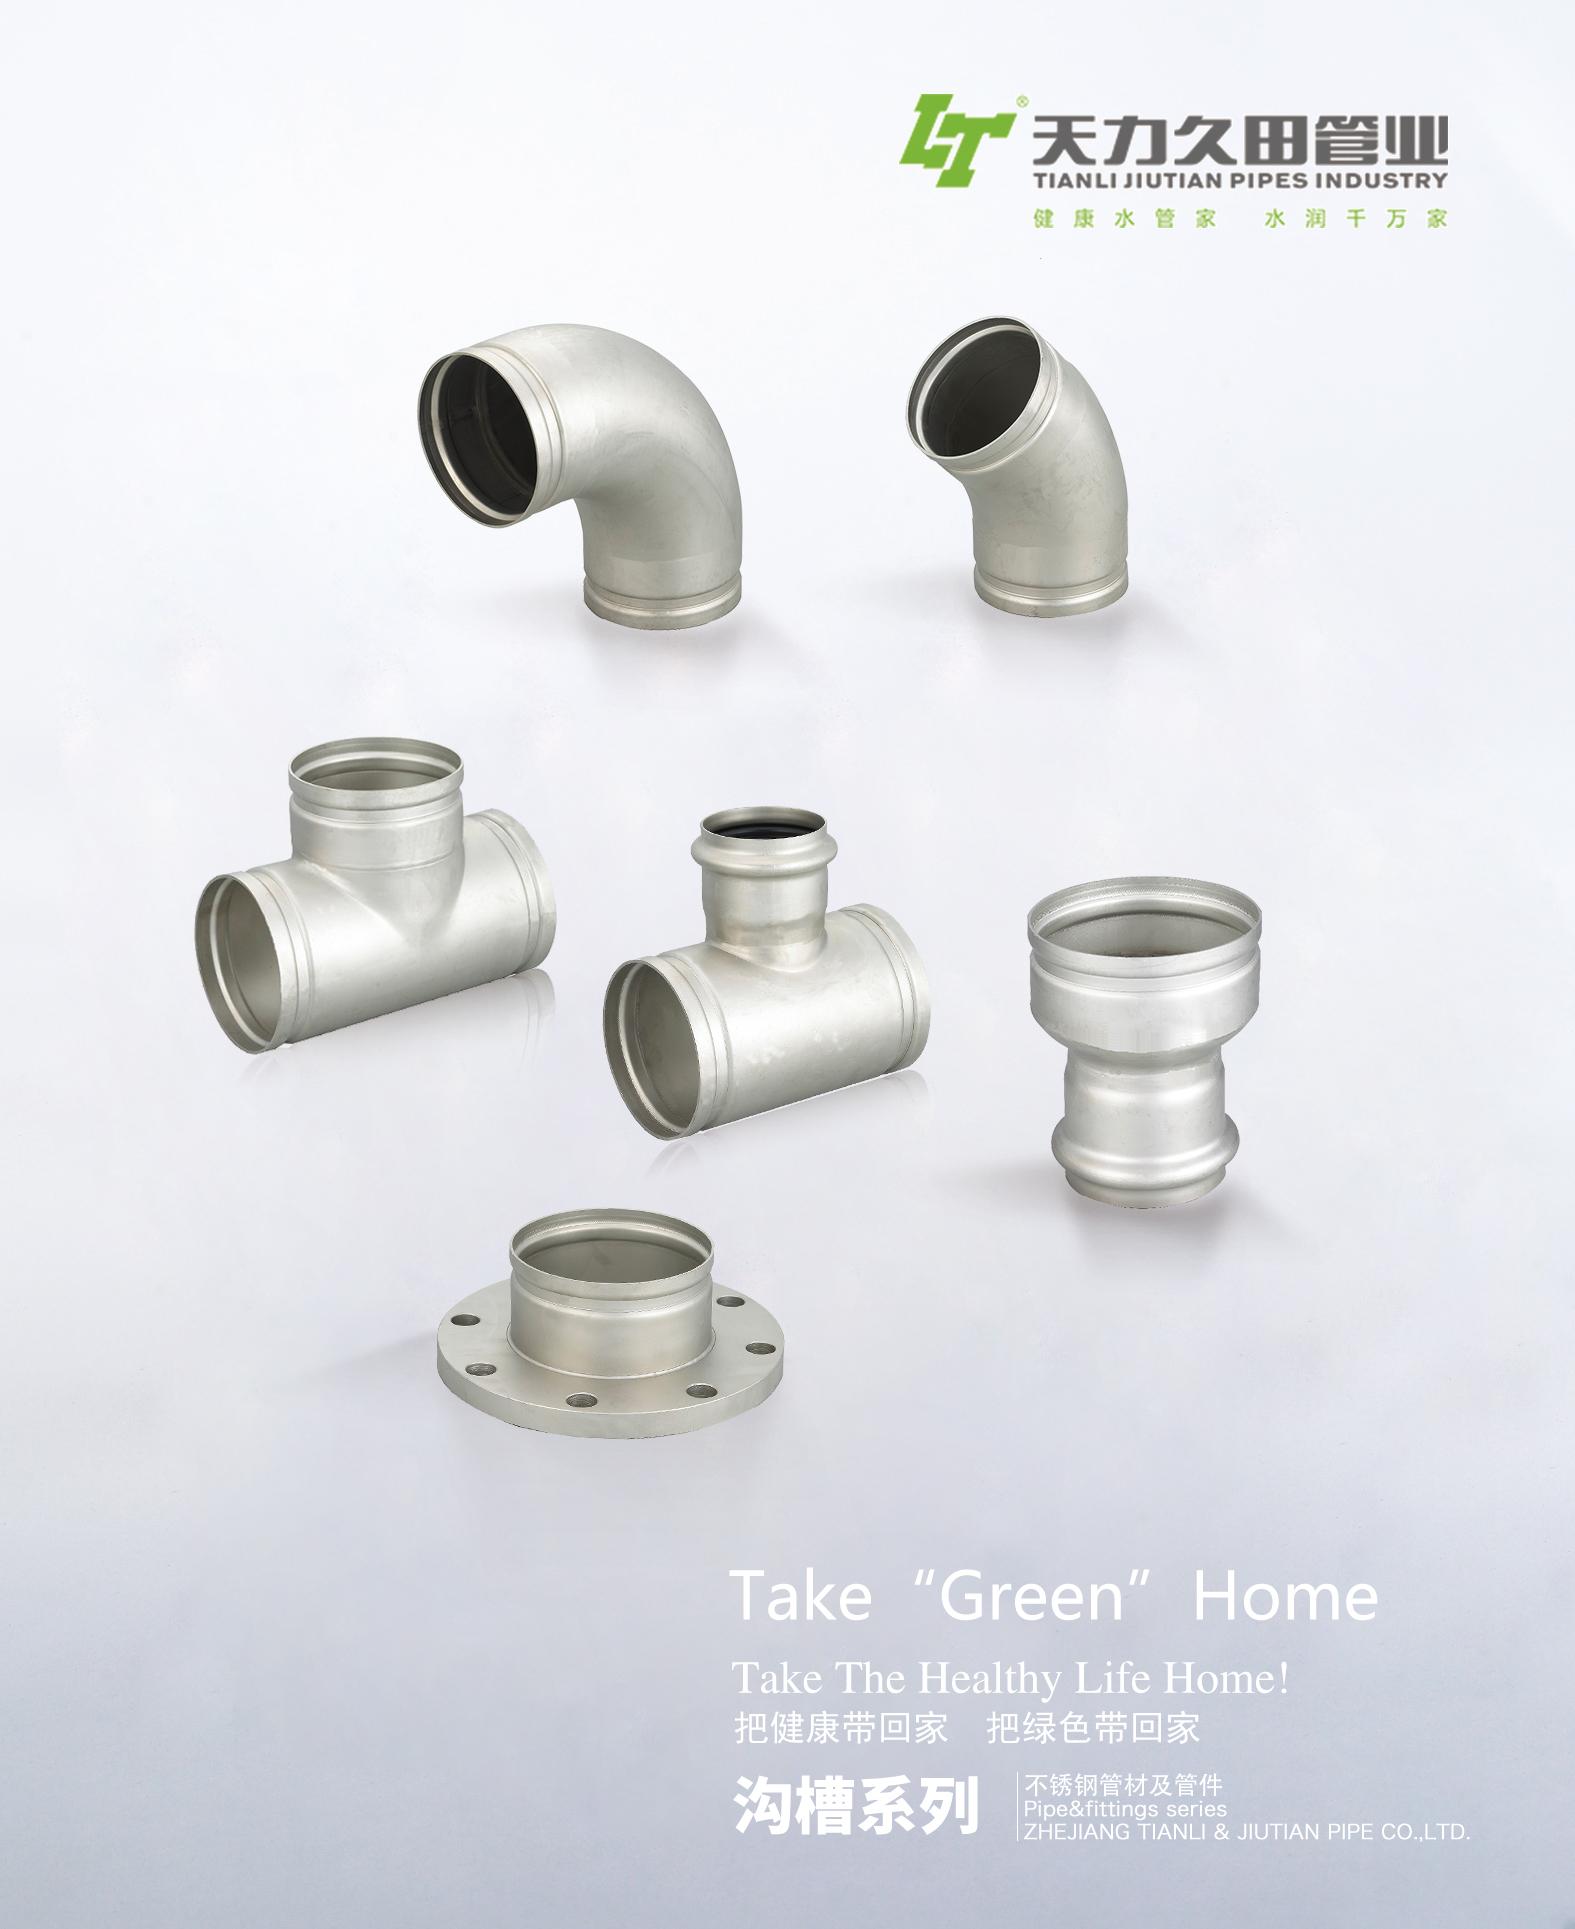 沟槽不锈钢管件系列